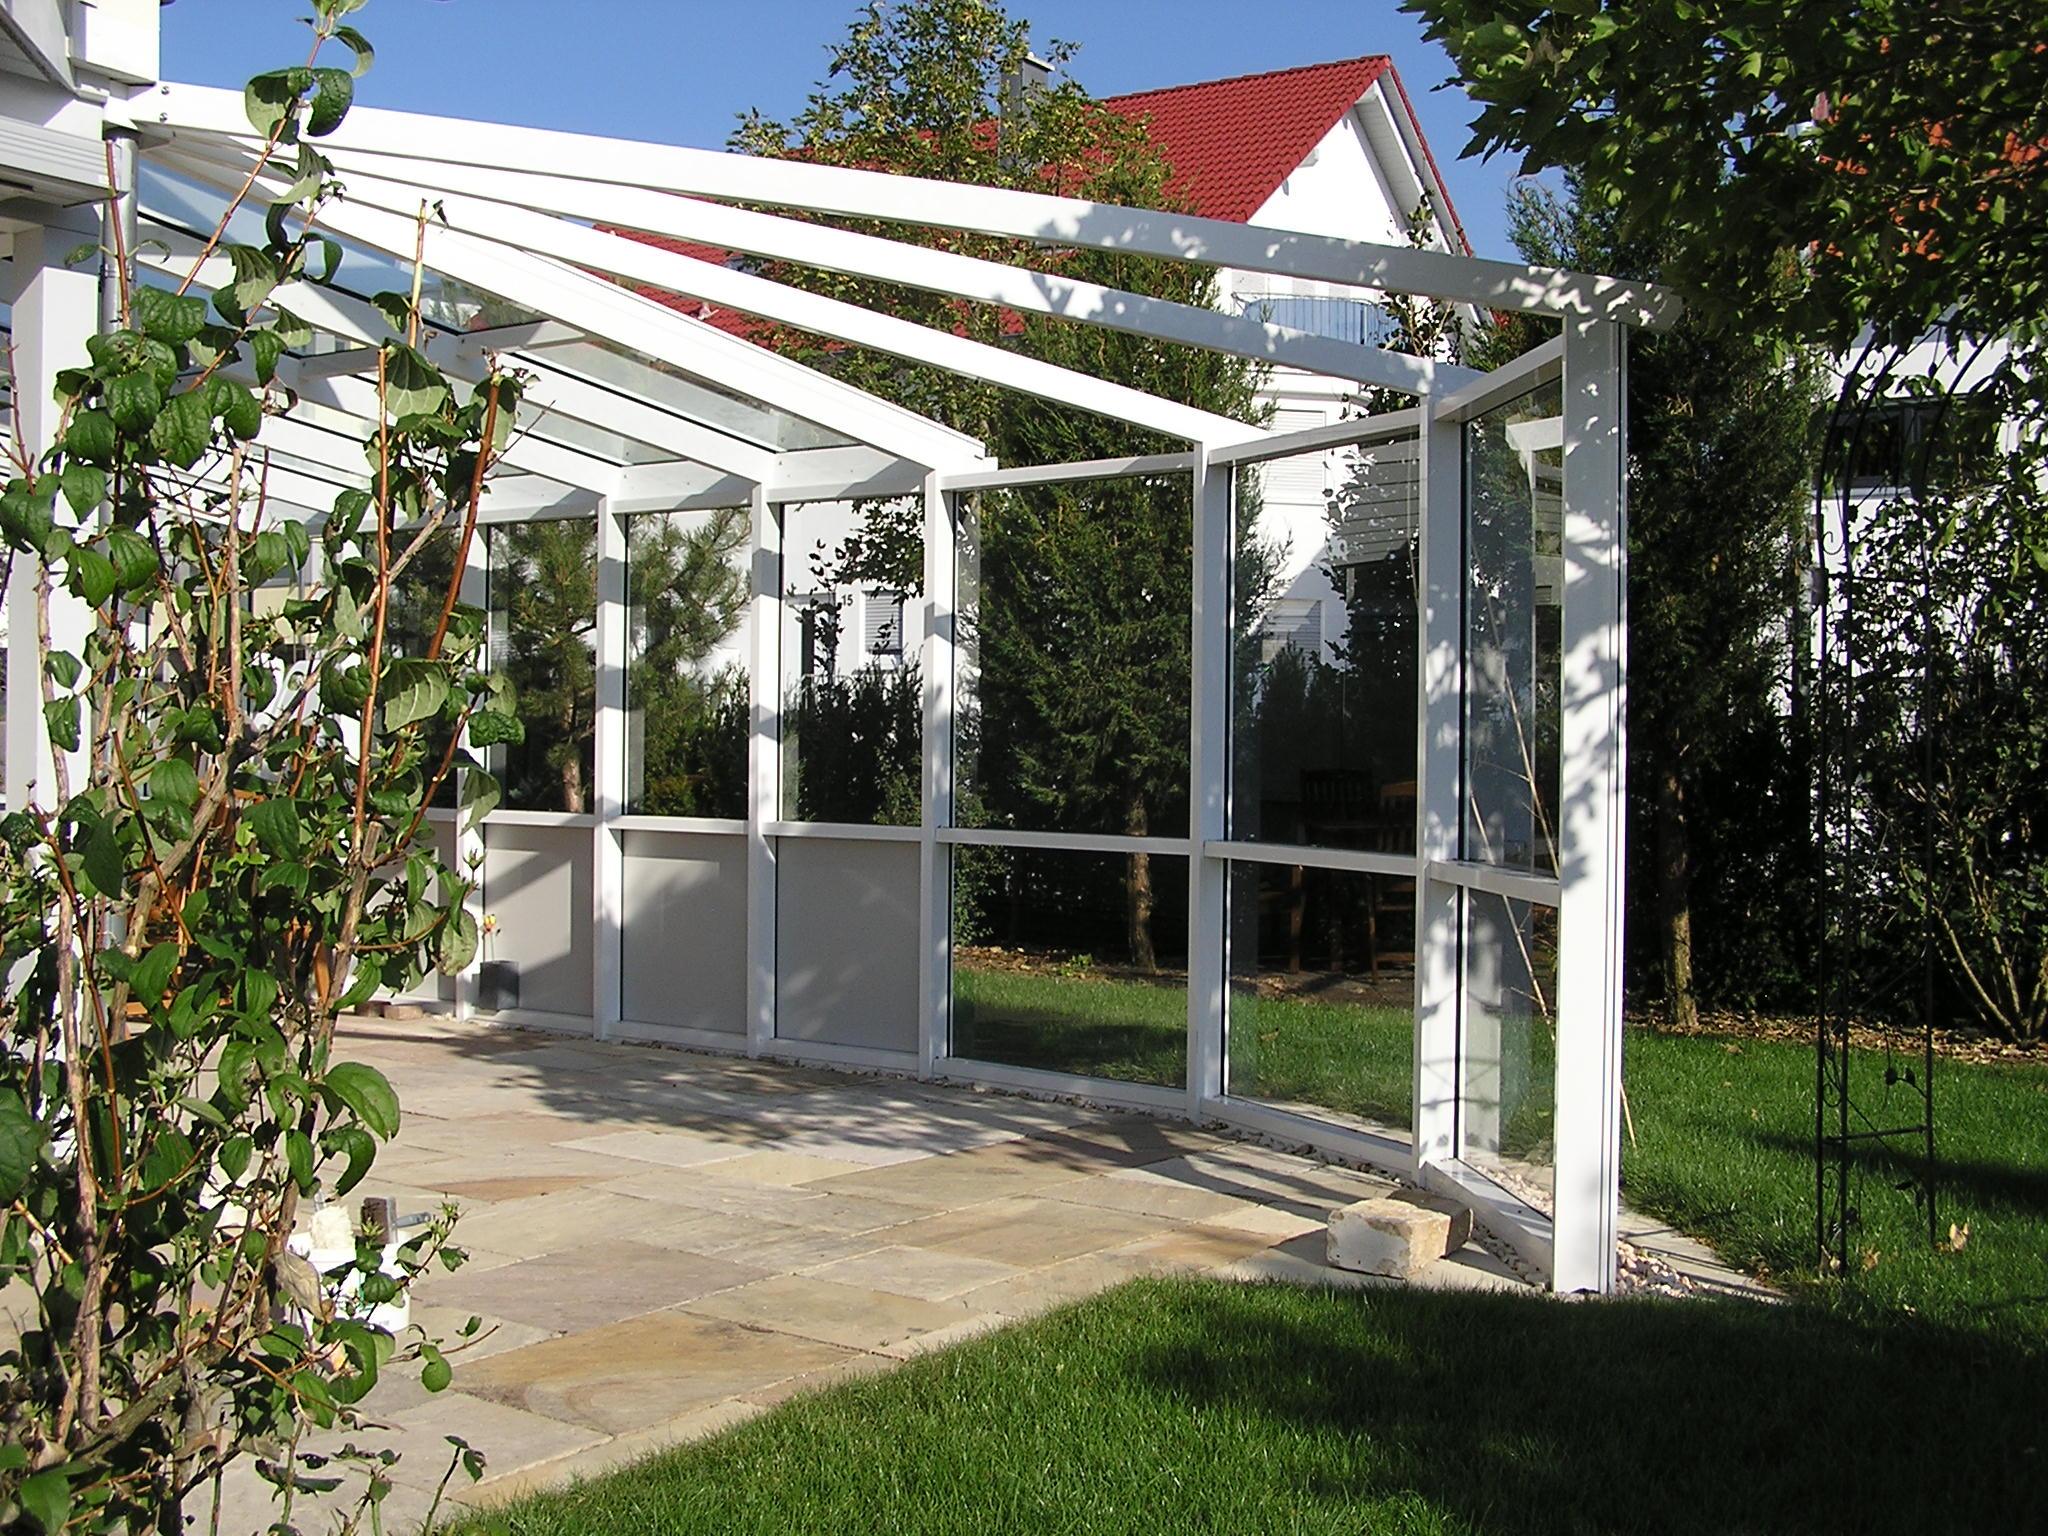 Picturesque überdachung Für Terrasse Photo Of Überdachungen Für Terrassen